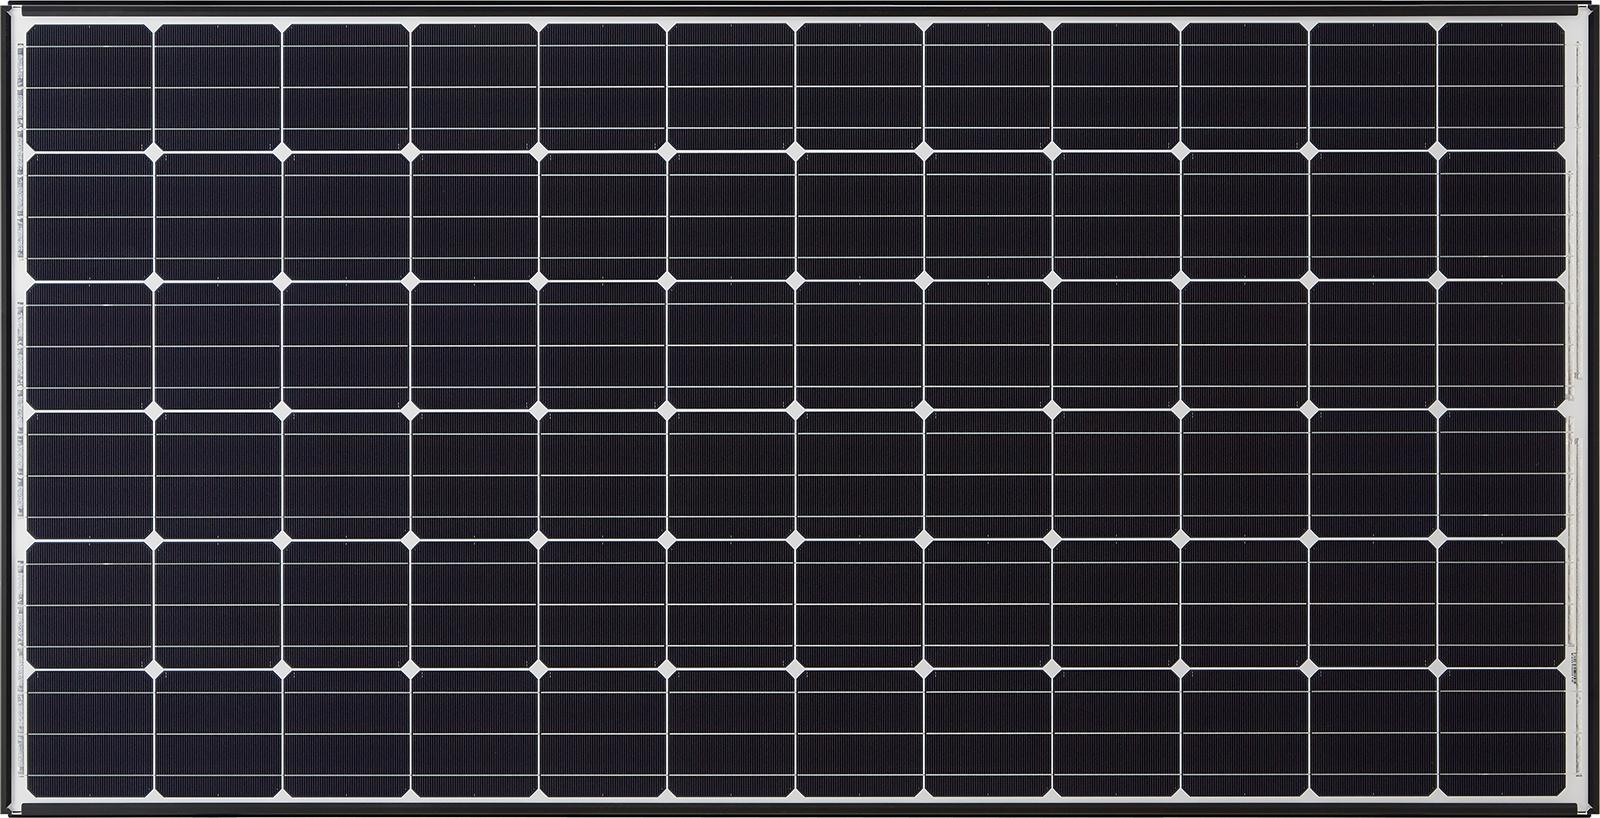 住宅用太陽電池モジュール「HIT(R)」